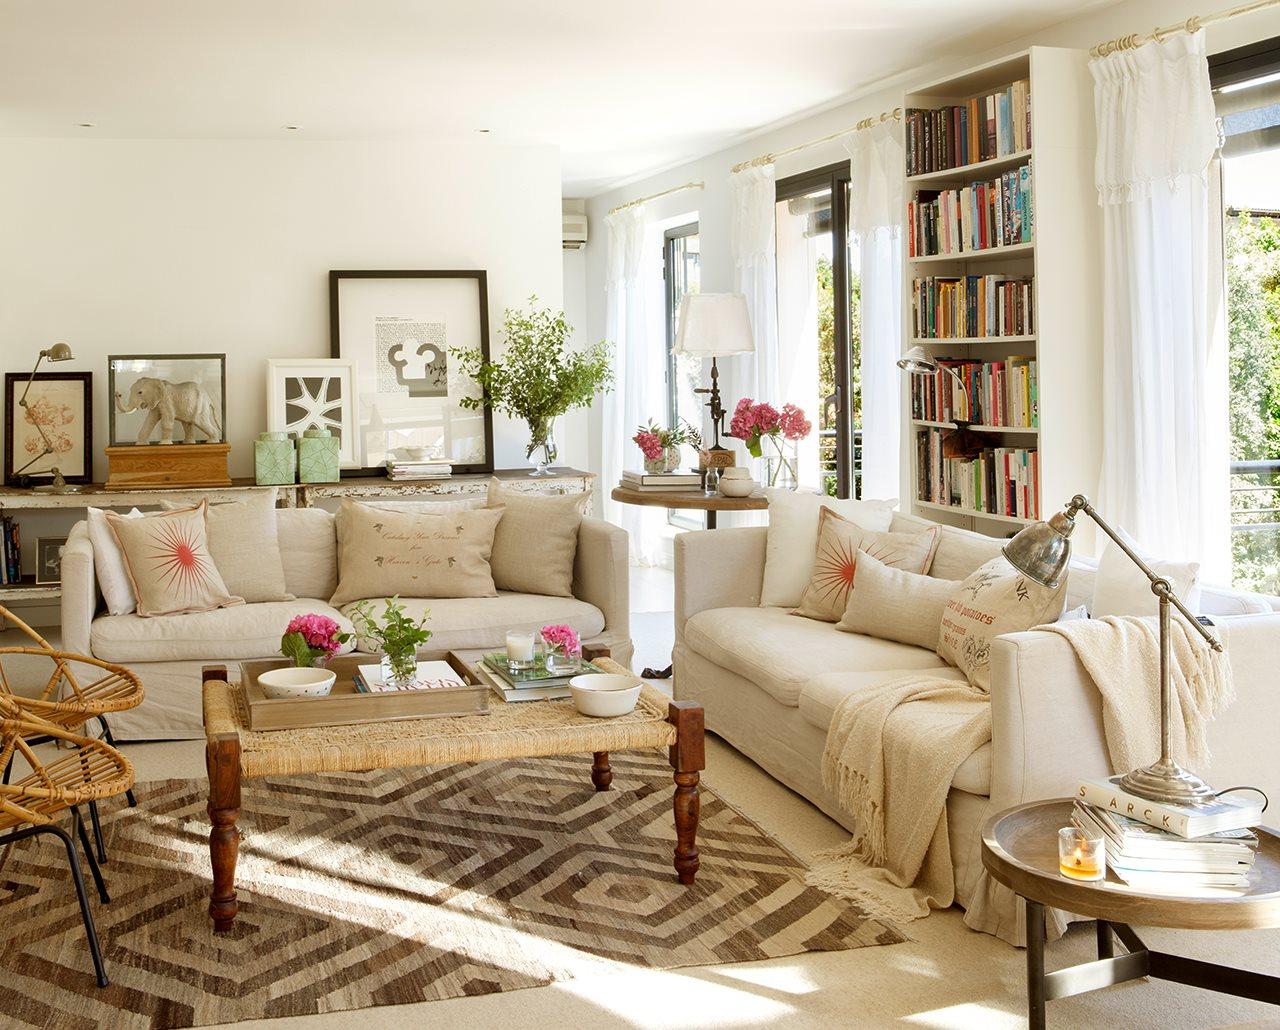 #392715 Decoração de: Sala de estar; banco de palha; Casa de Valentina 1280x1030 píxeis em Decoração De Sala De Estar Com Gesso